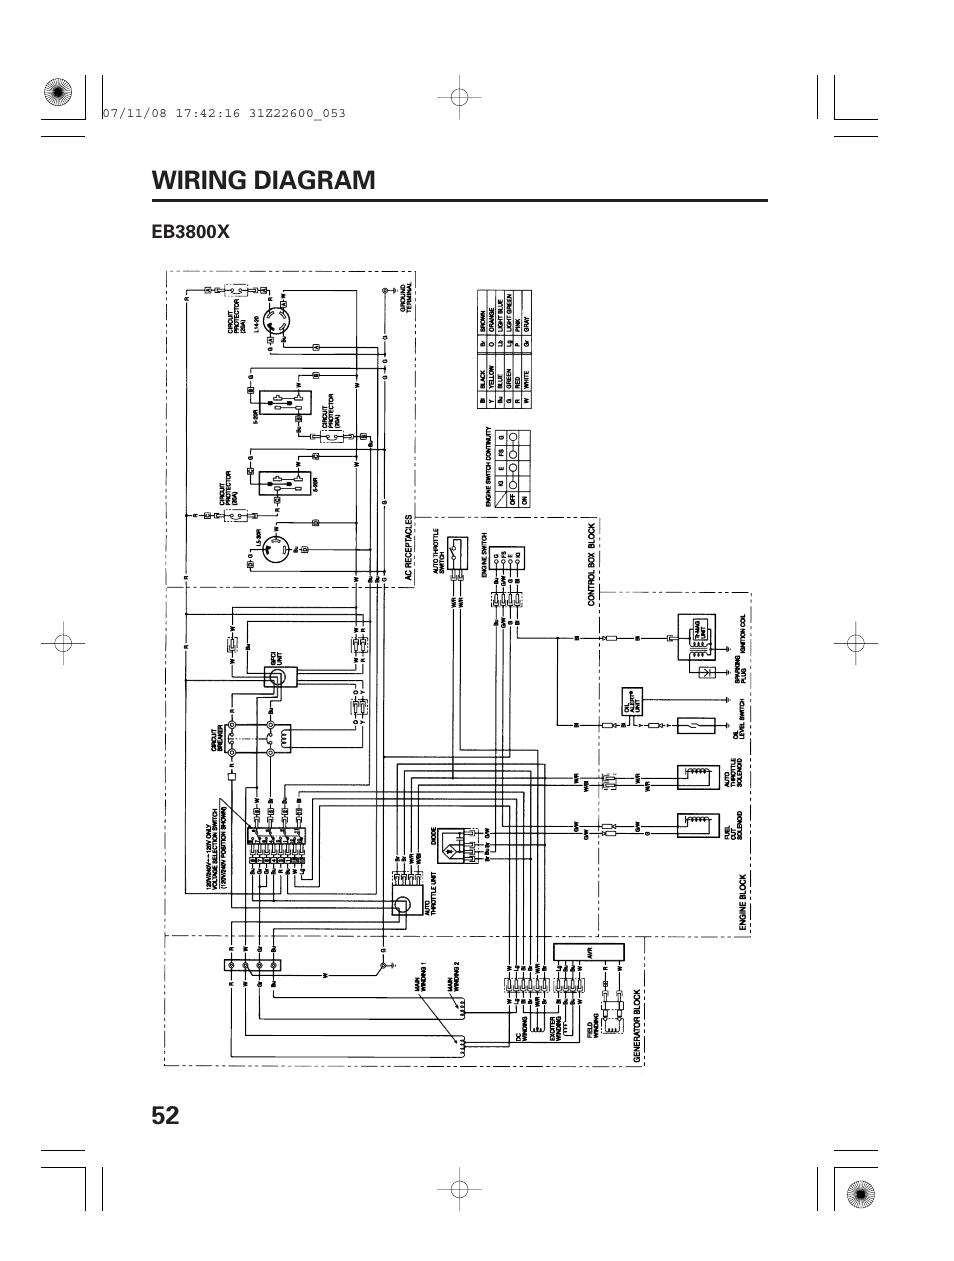 hondacar wiring diagram page 20